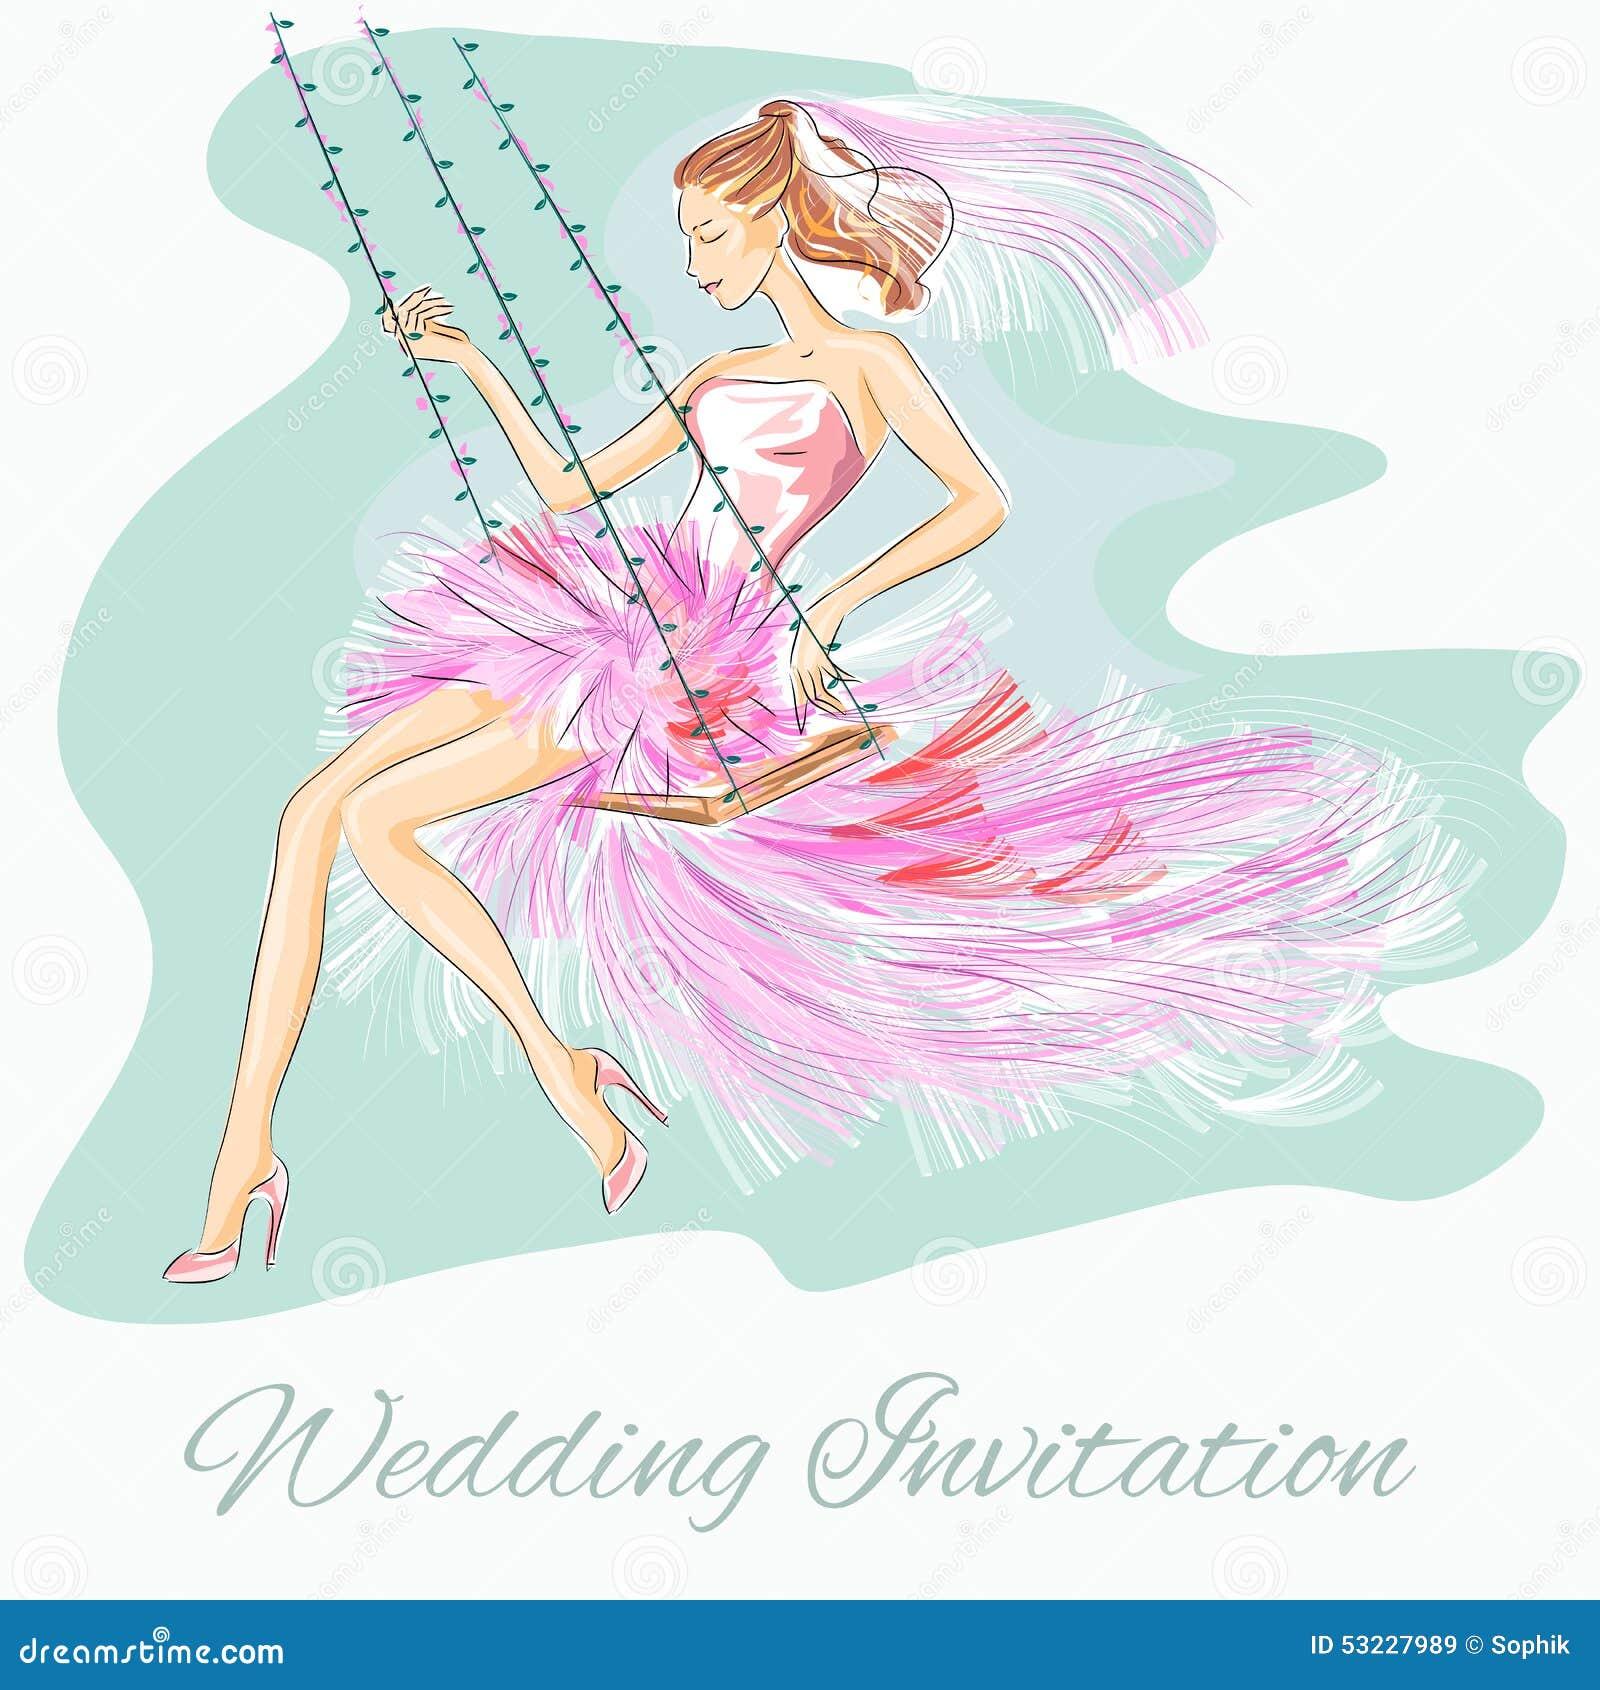 Invitación del día de boda con el prometido hermoso en un oscilación